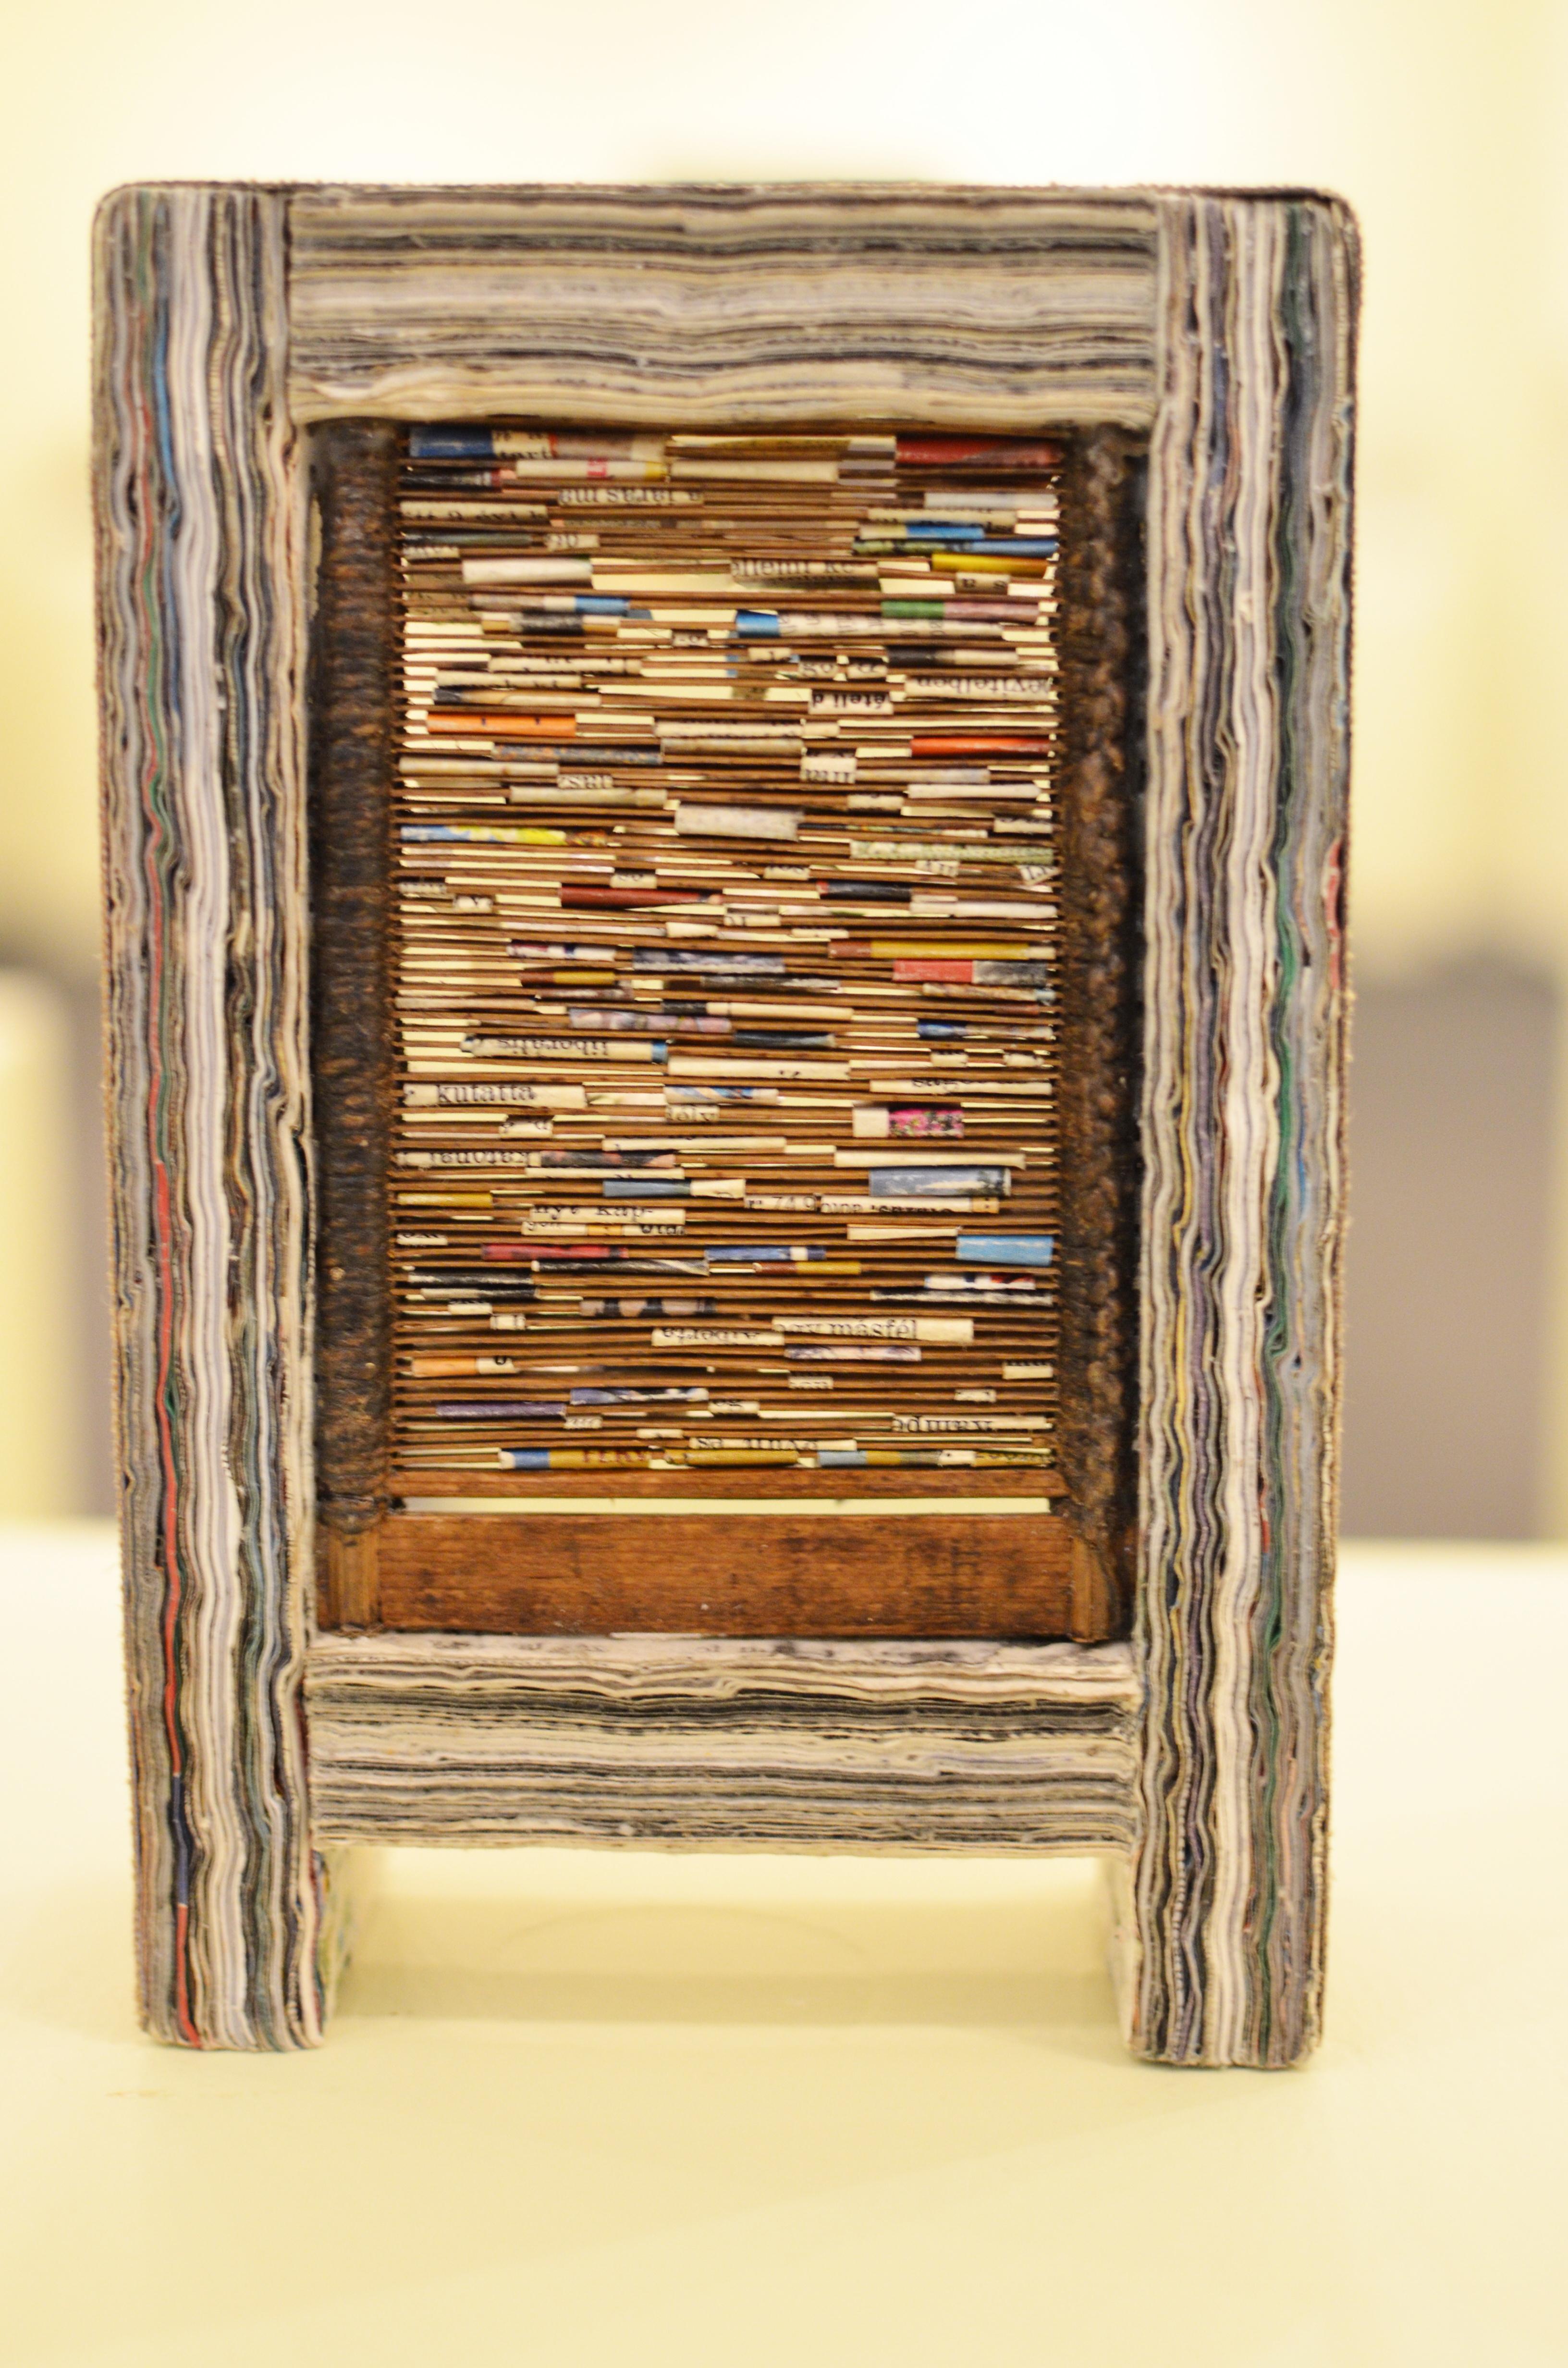 Privát-könyvtár-20x15x7cm-könyvlapokfém-fa